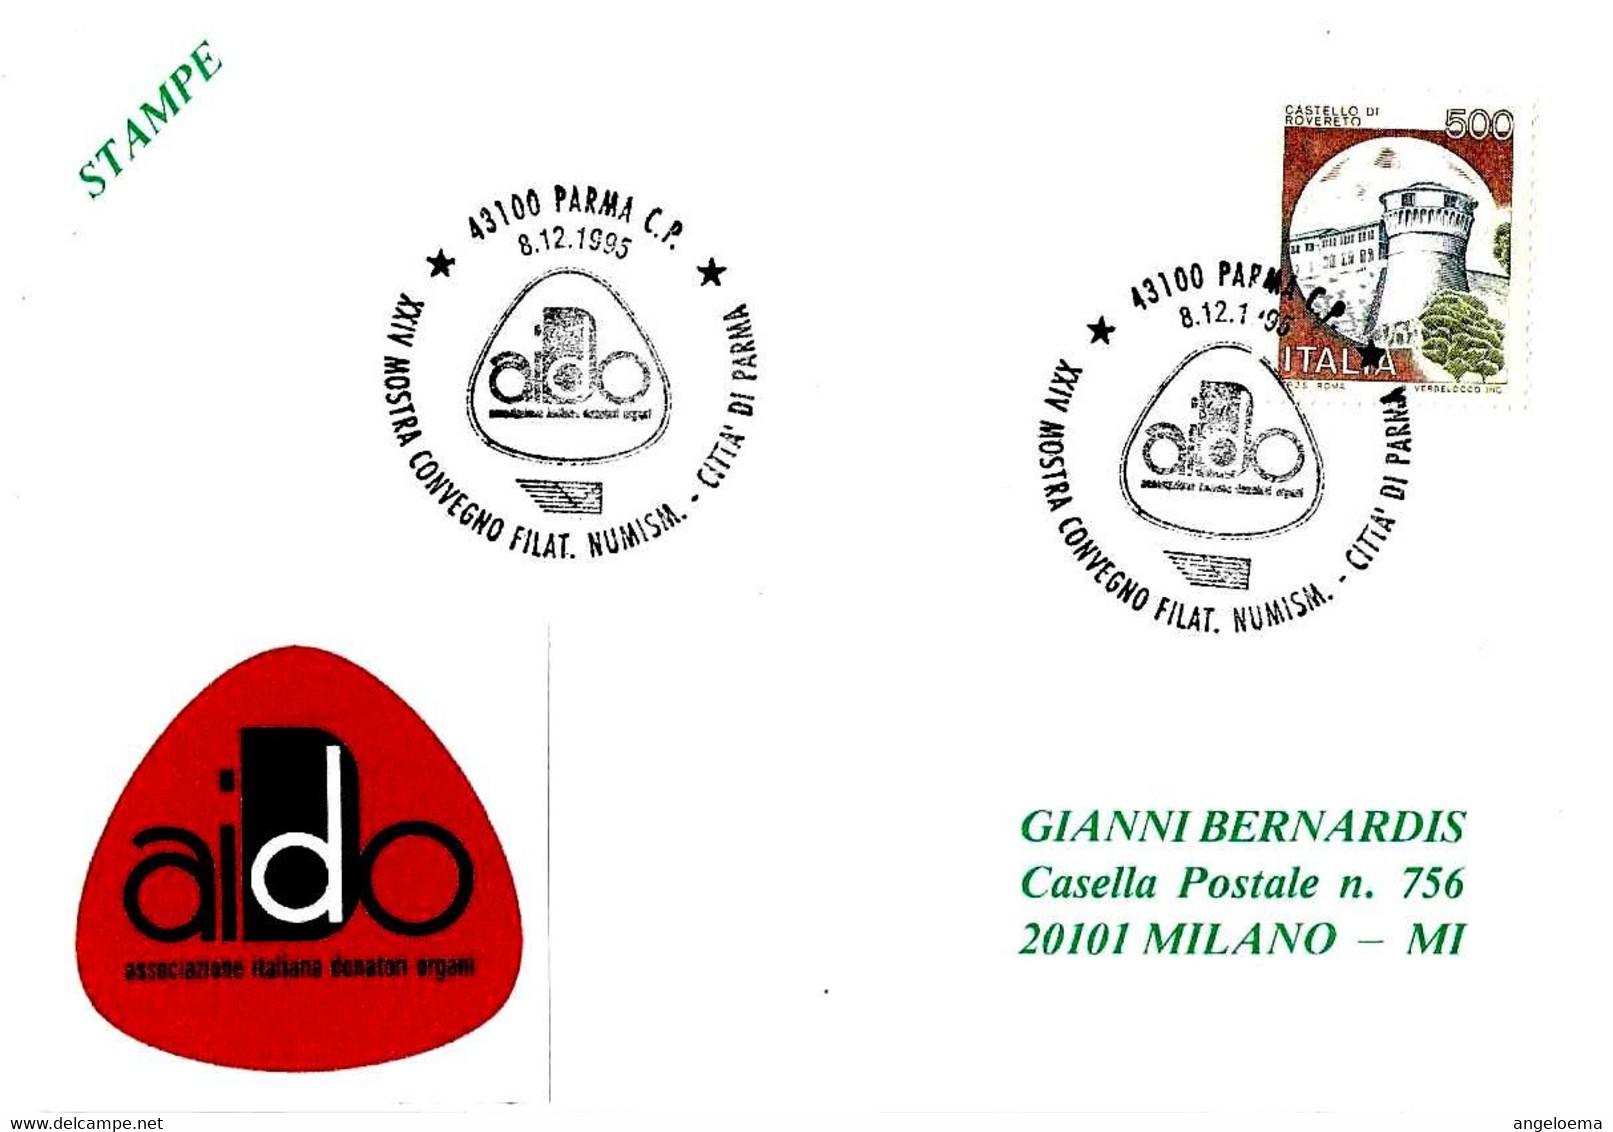 ITALIA - 1995 PARMA XXIV Convegno Associazione Italiana Donatori Organi AIDO - 1741 - Salute